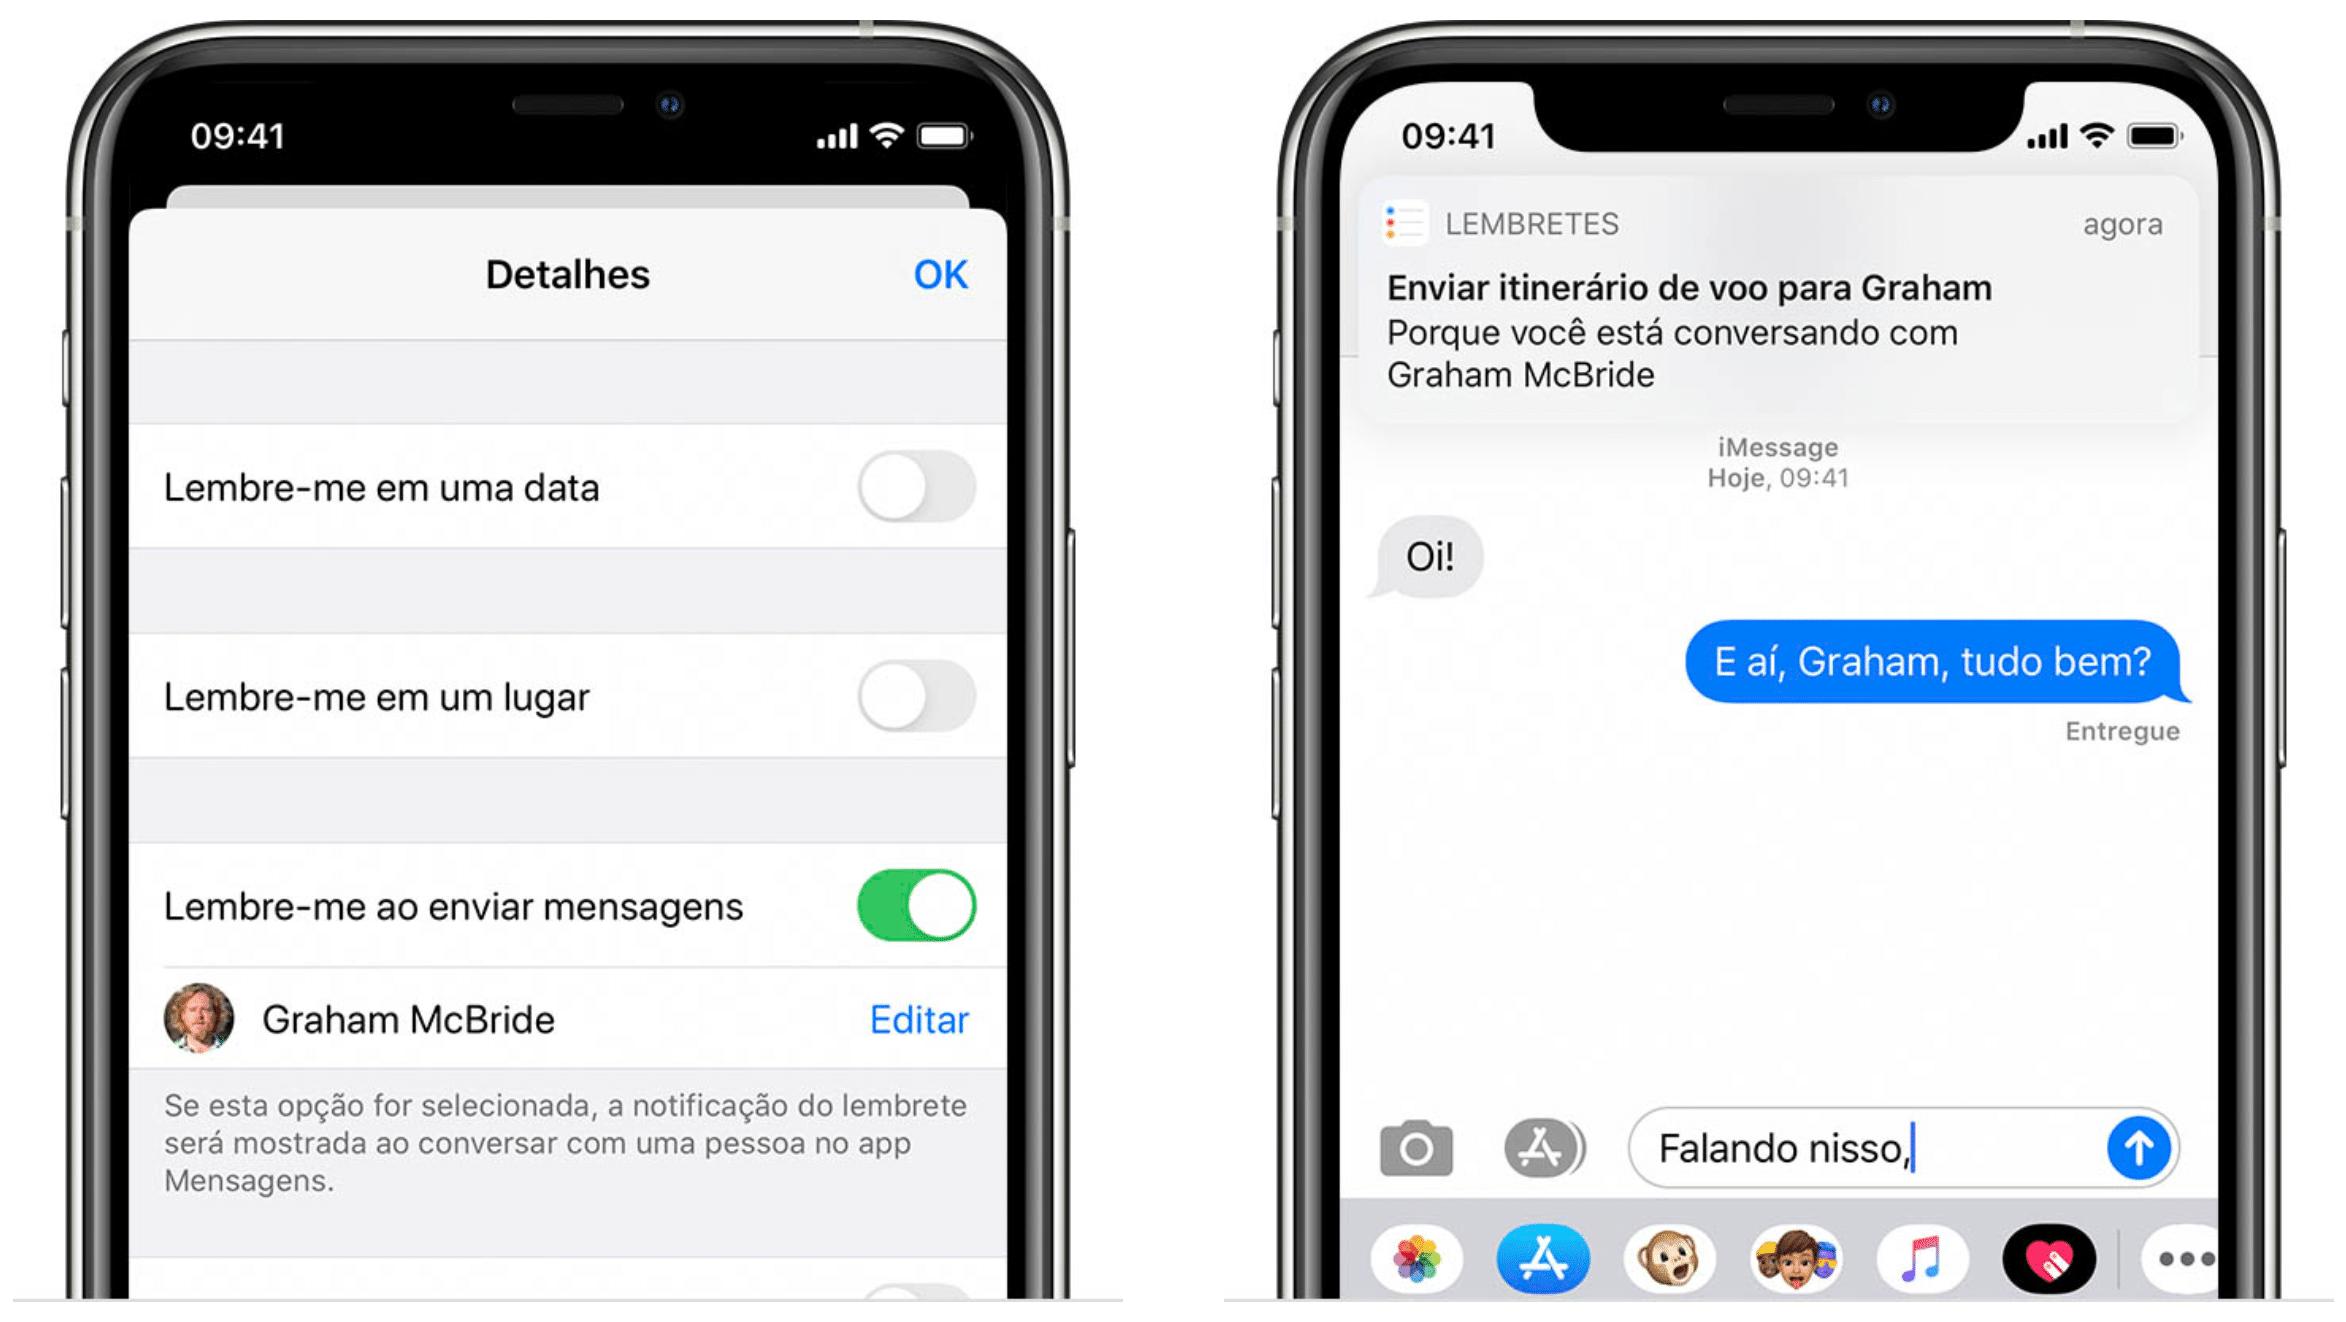 Configurar alerta no iMessage no Lembretes